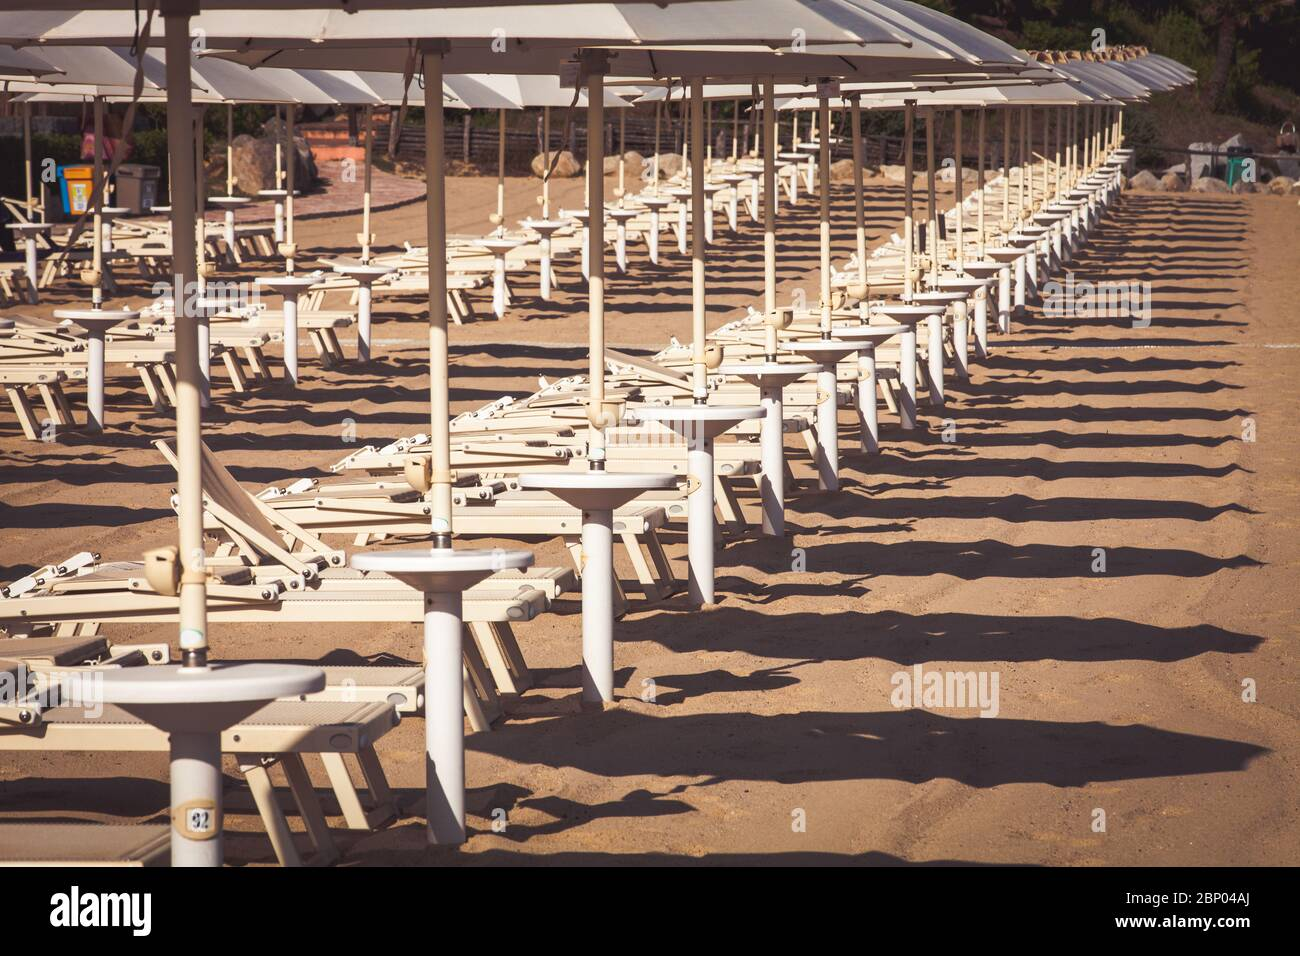 Transats et parasols à la plage. Côte italienne avec une multitude de parasols sans marins, transats pour les vacanciers. Personne dans le p Banque D'Images